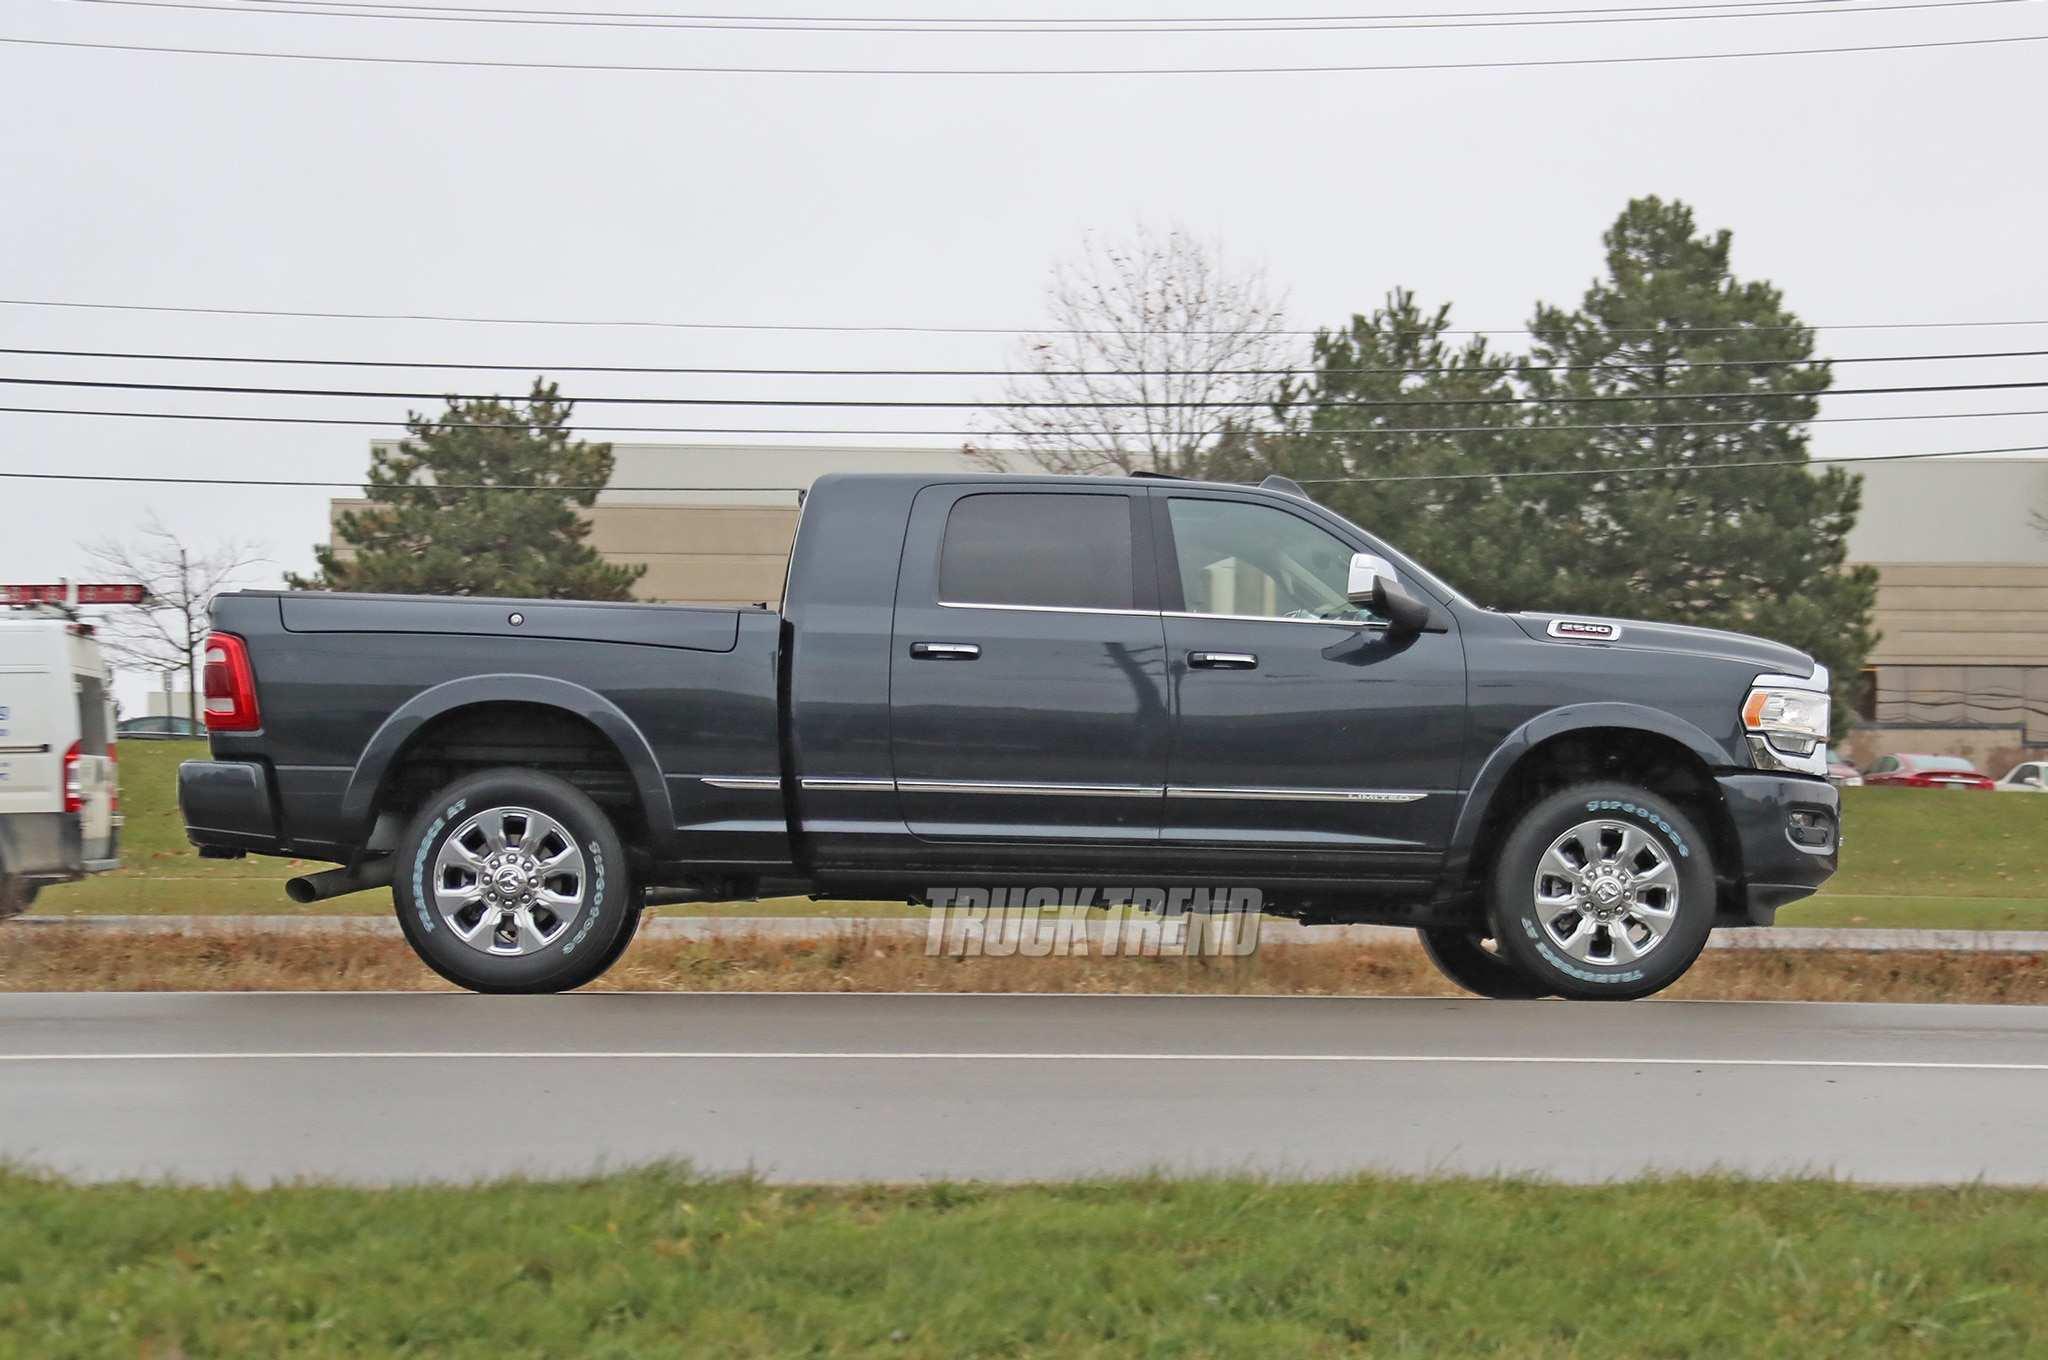 45 Gallery of Dodge Ram 2500 Diesel 2020 Images with Dodge Ram 2500 Diesel 2020